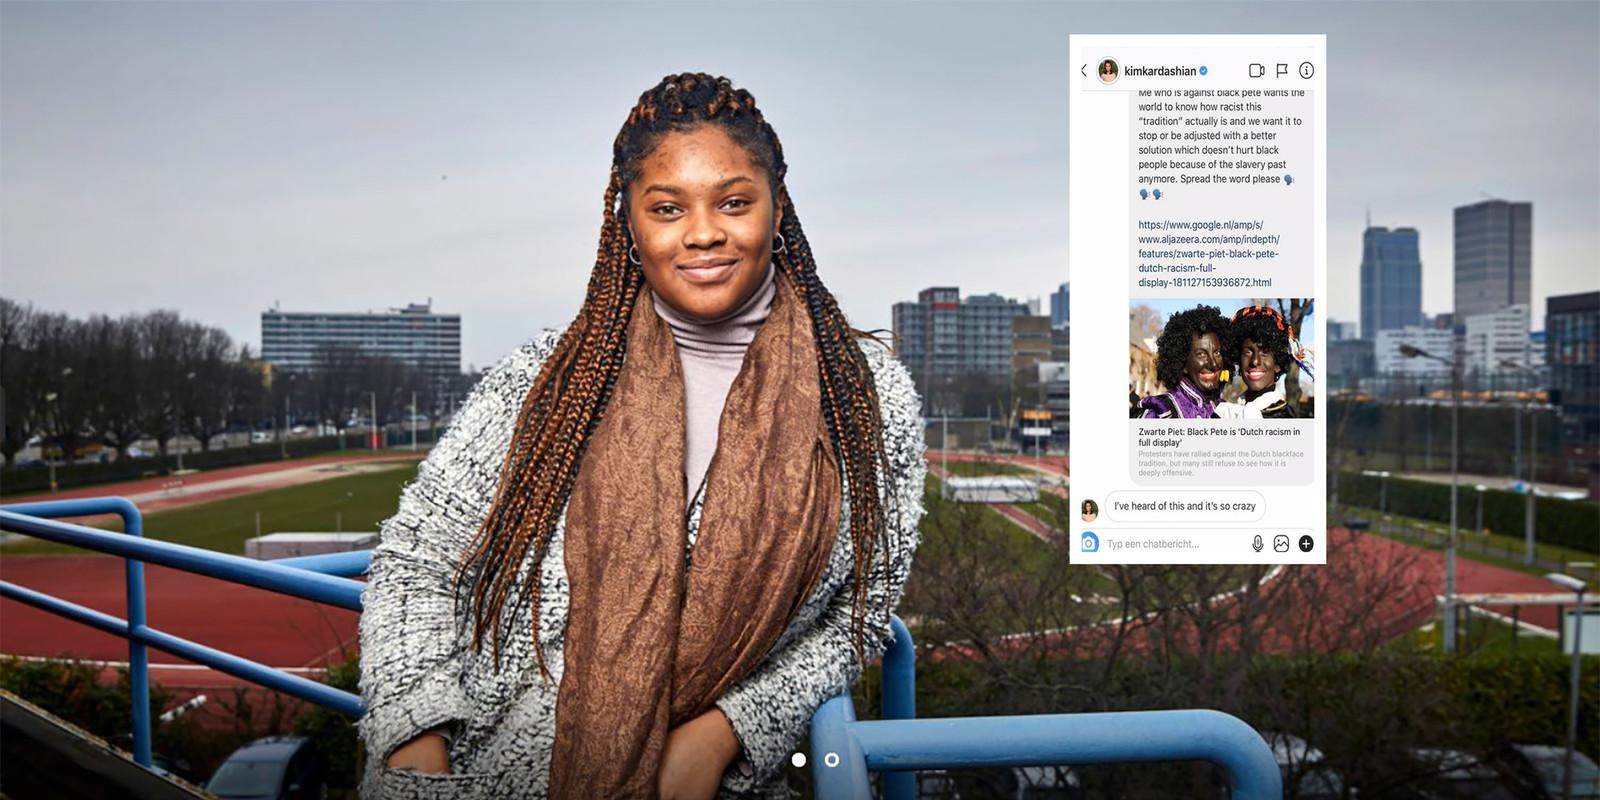 De Rotterdamse Ramone Bendt stuurde samen met een aantal andere vrouwen massaal berichten over Zwarte Piet naar (inter)nationale beroemdheden. Zij kregen reactie van Kim Kardashian.